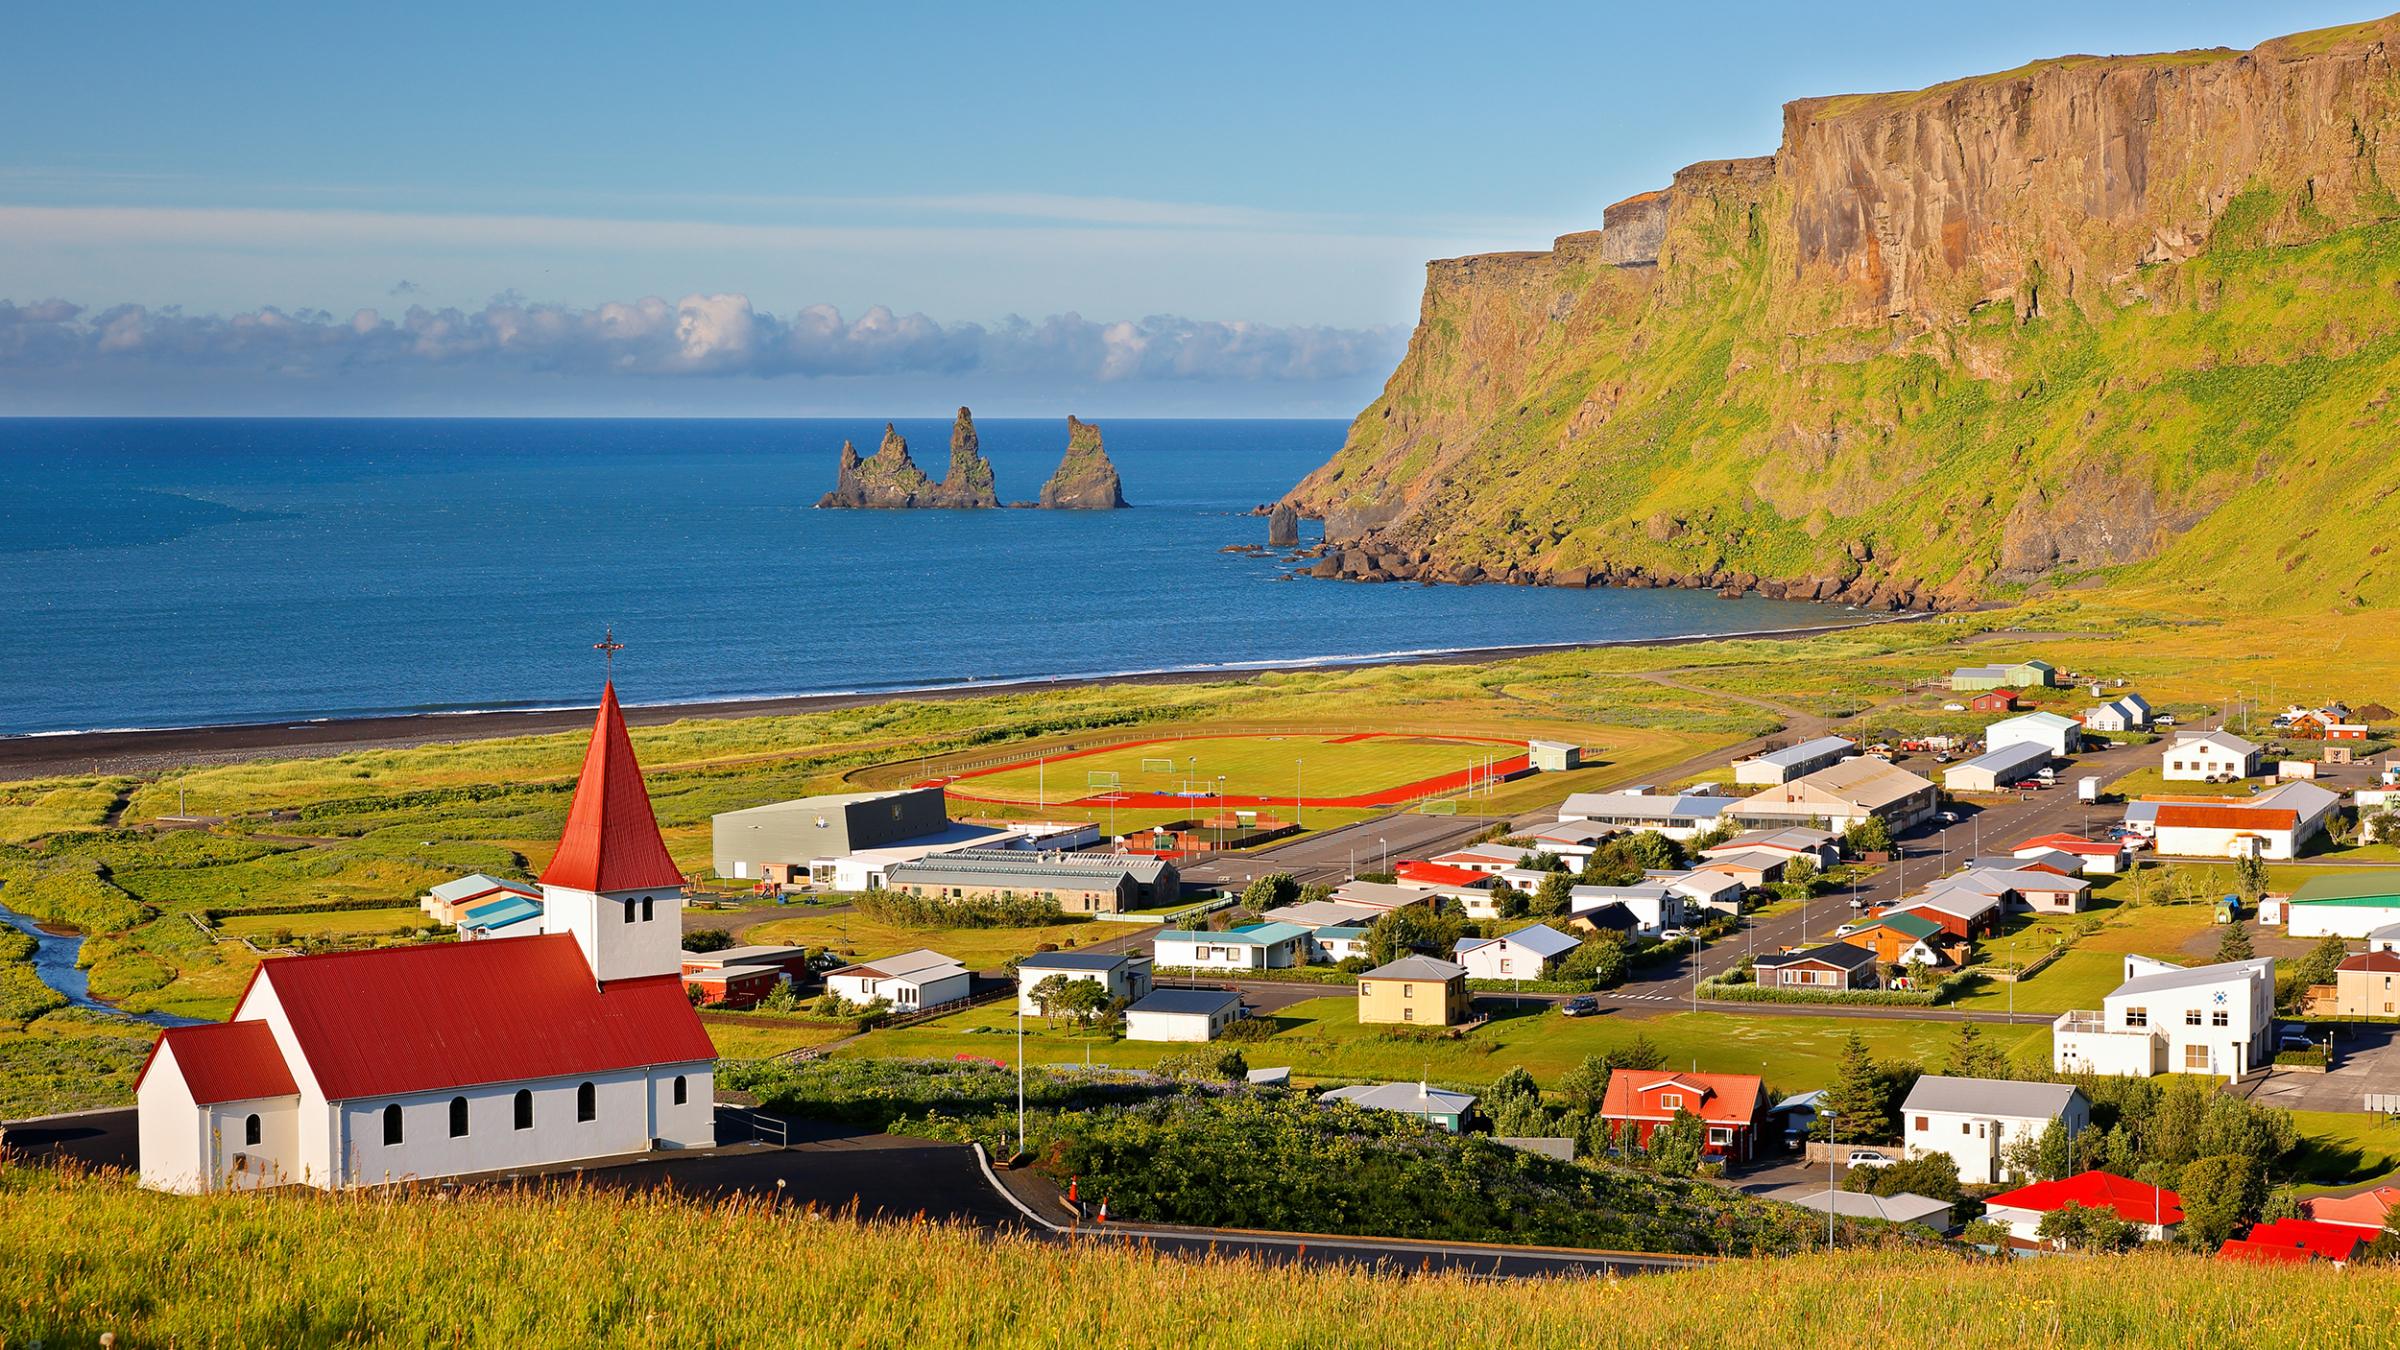 """Podróżnik uzależniony od Islandii. """"Można poczuć kontakt z naturą"""""""